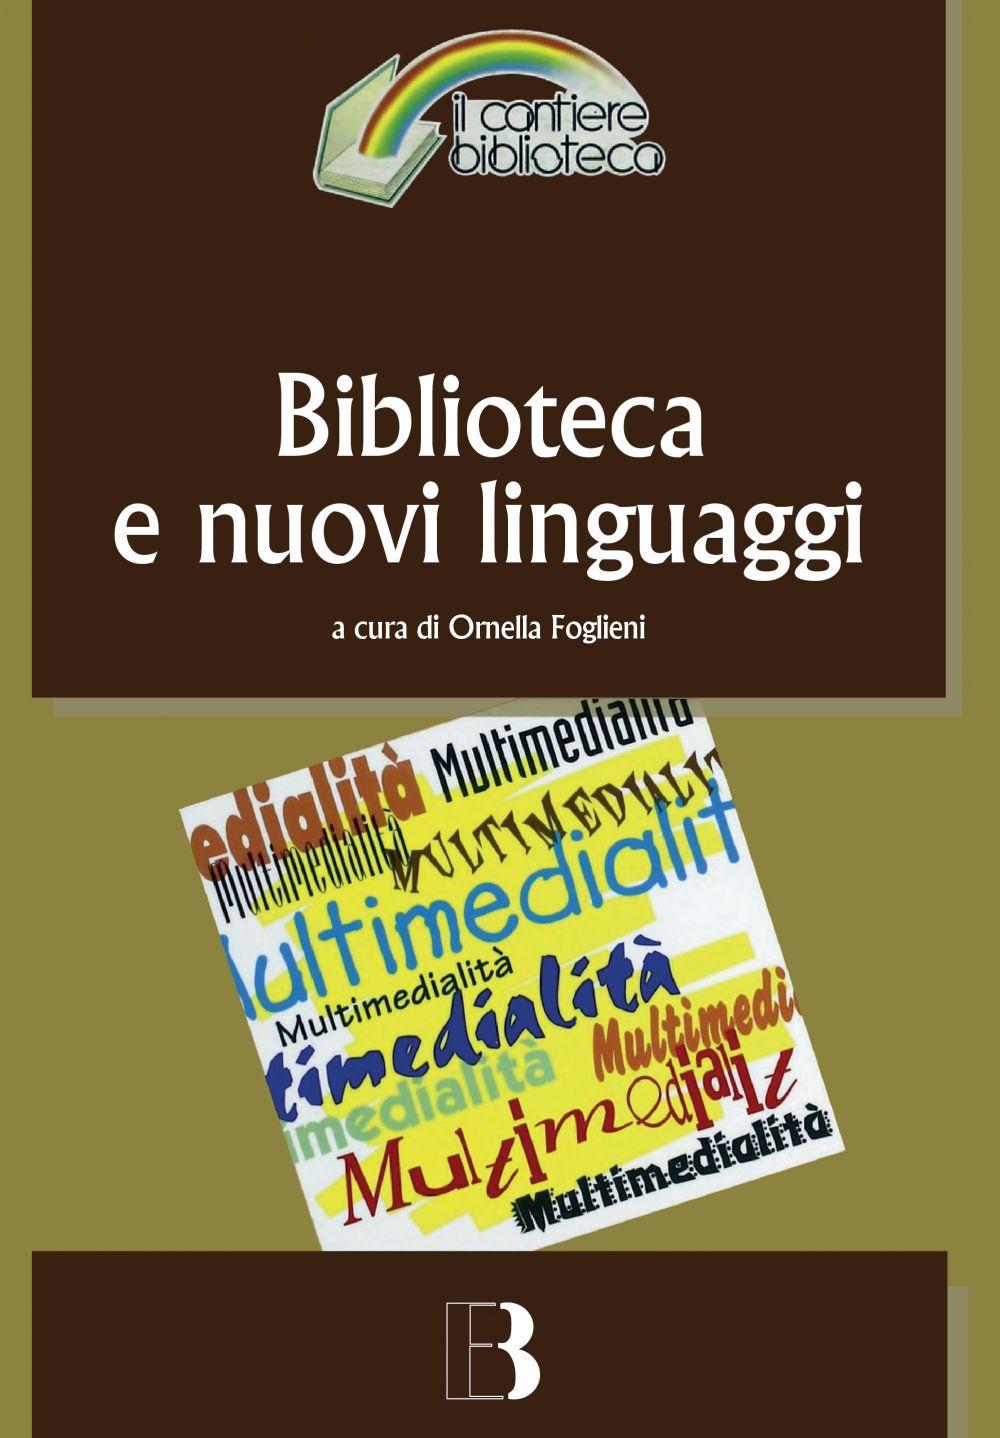 Biblioteca e nuovi linguaggi